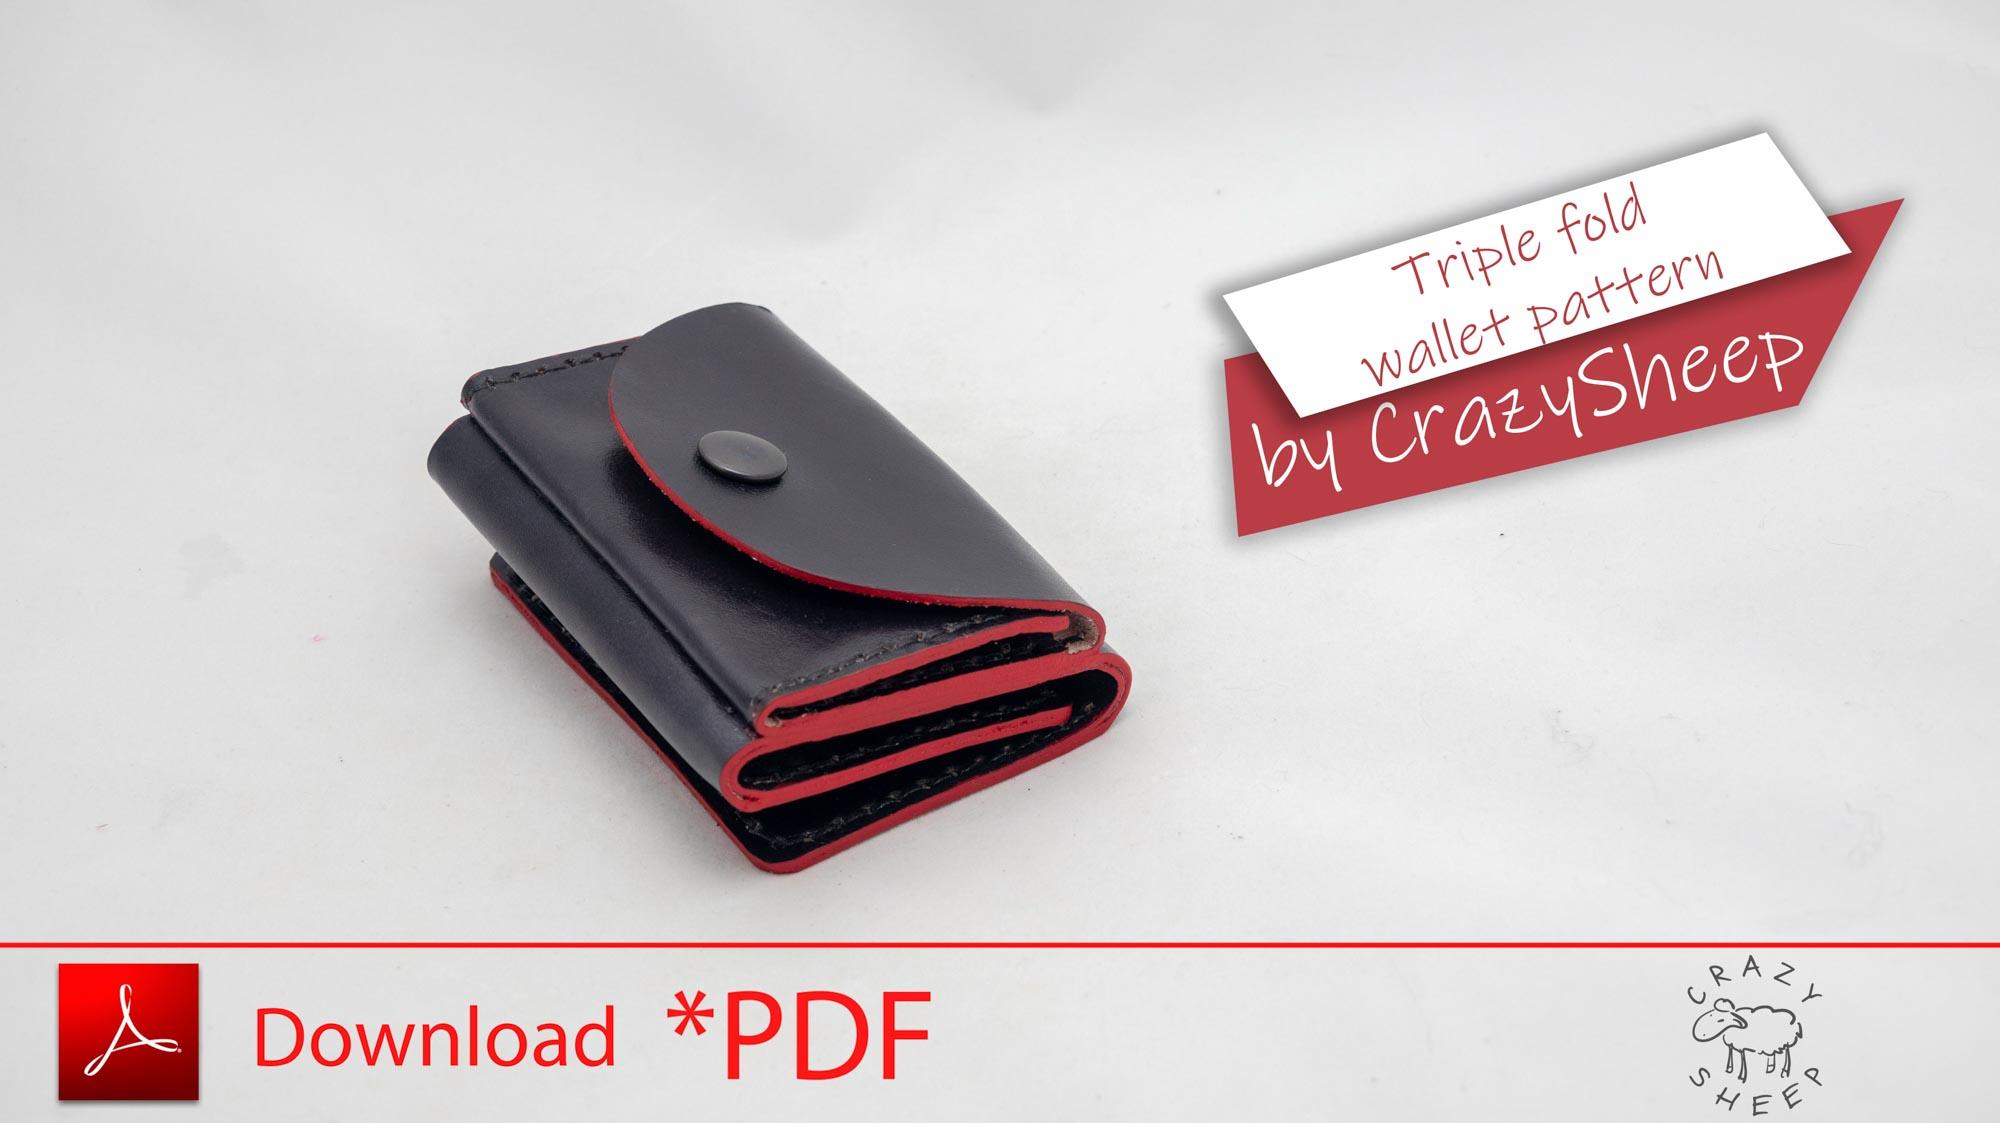 Triple fold wallet